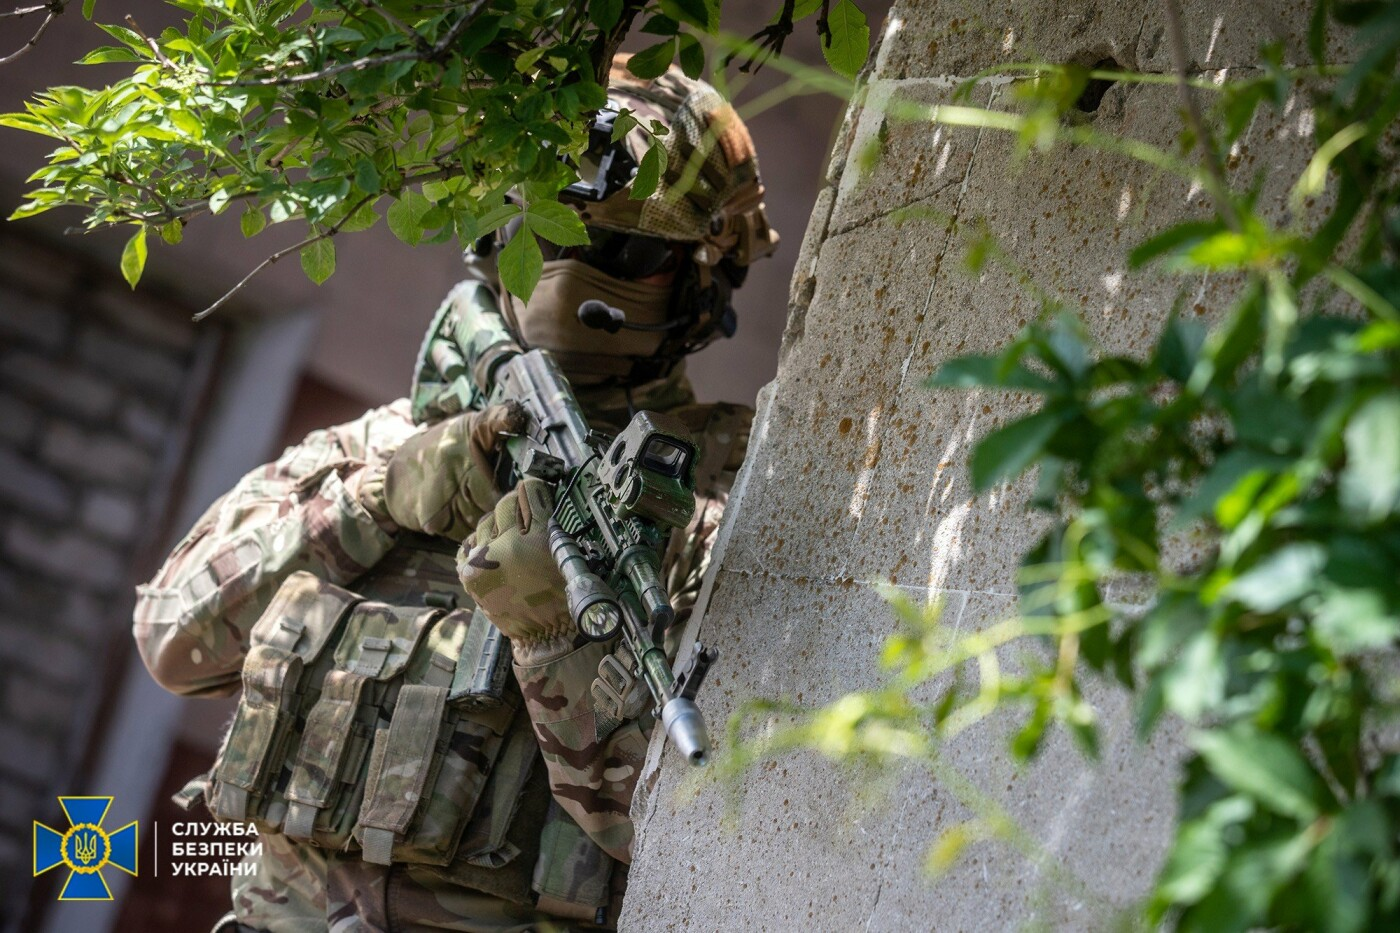 Украинские спецслужбы провели учения вблизи линии разграничения на Донбассе, - ФОТО, фото-1